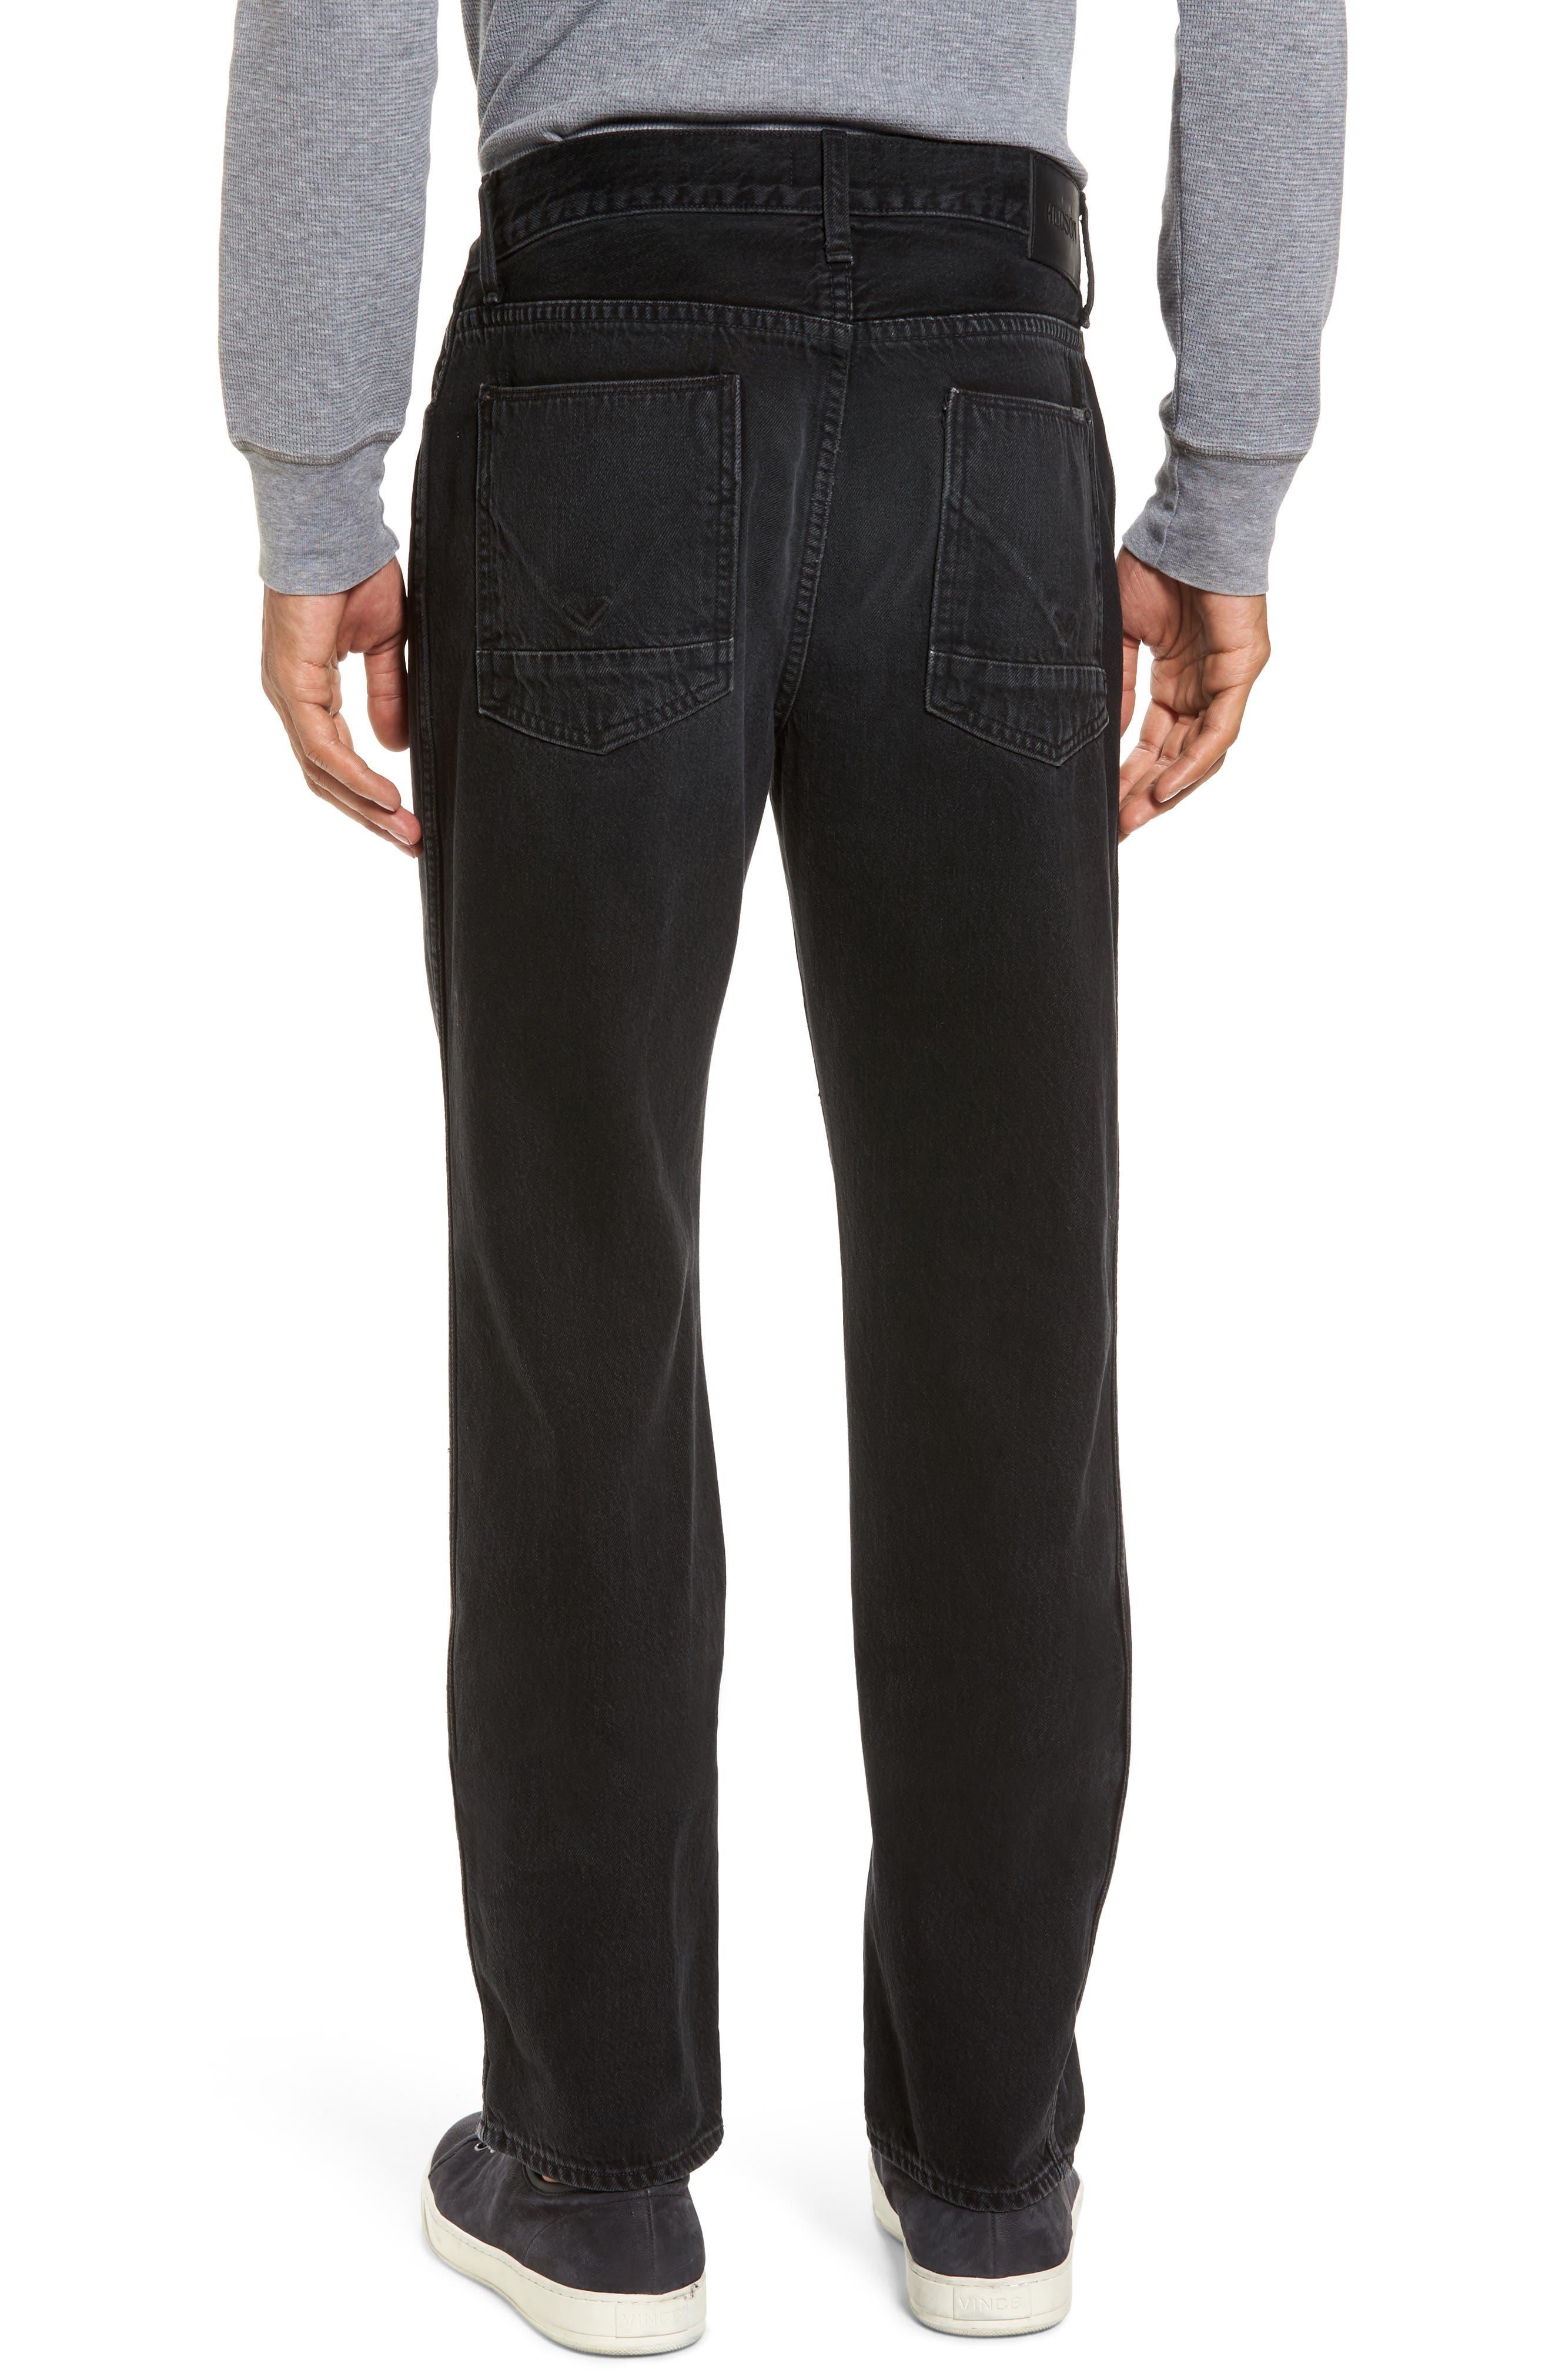 Dixon Straight Fit Jeans,                             Alternate thumbnail 2, color,                             001